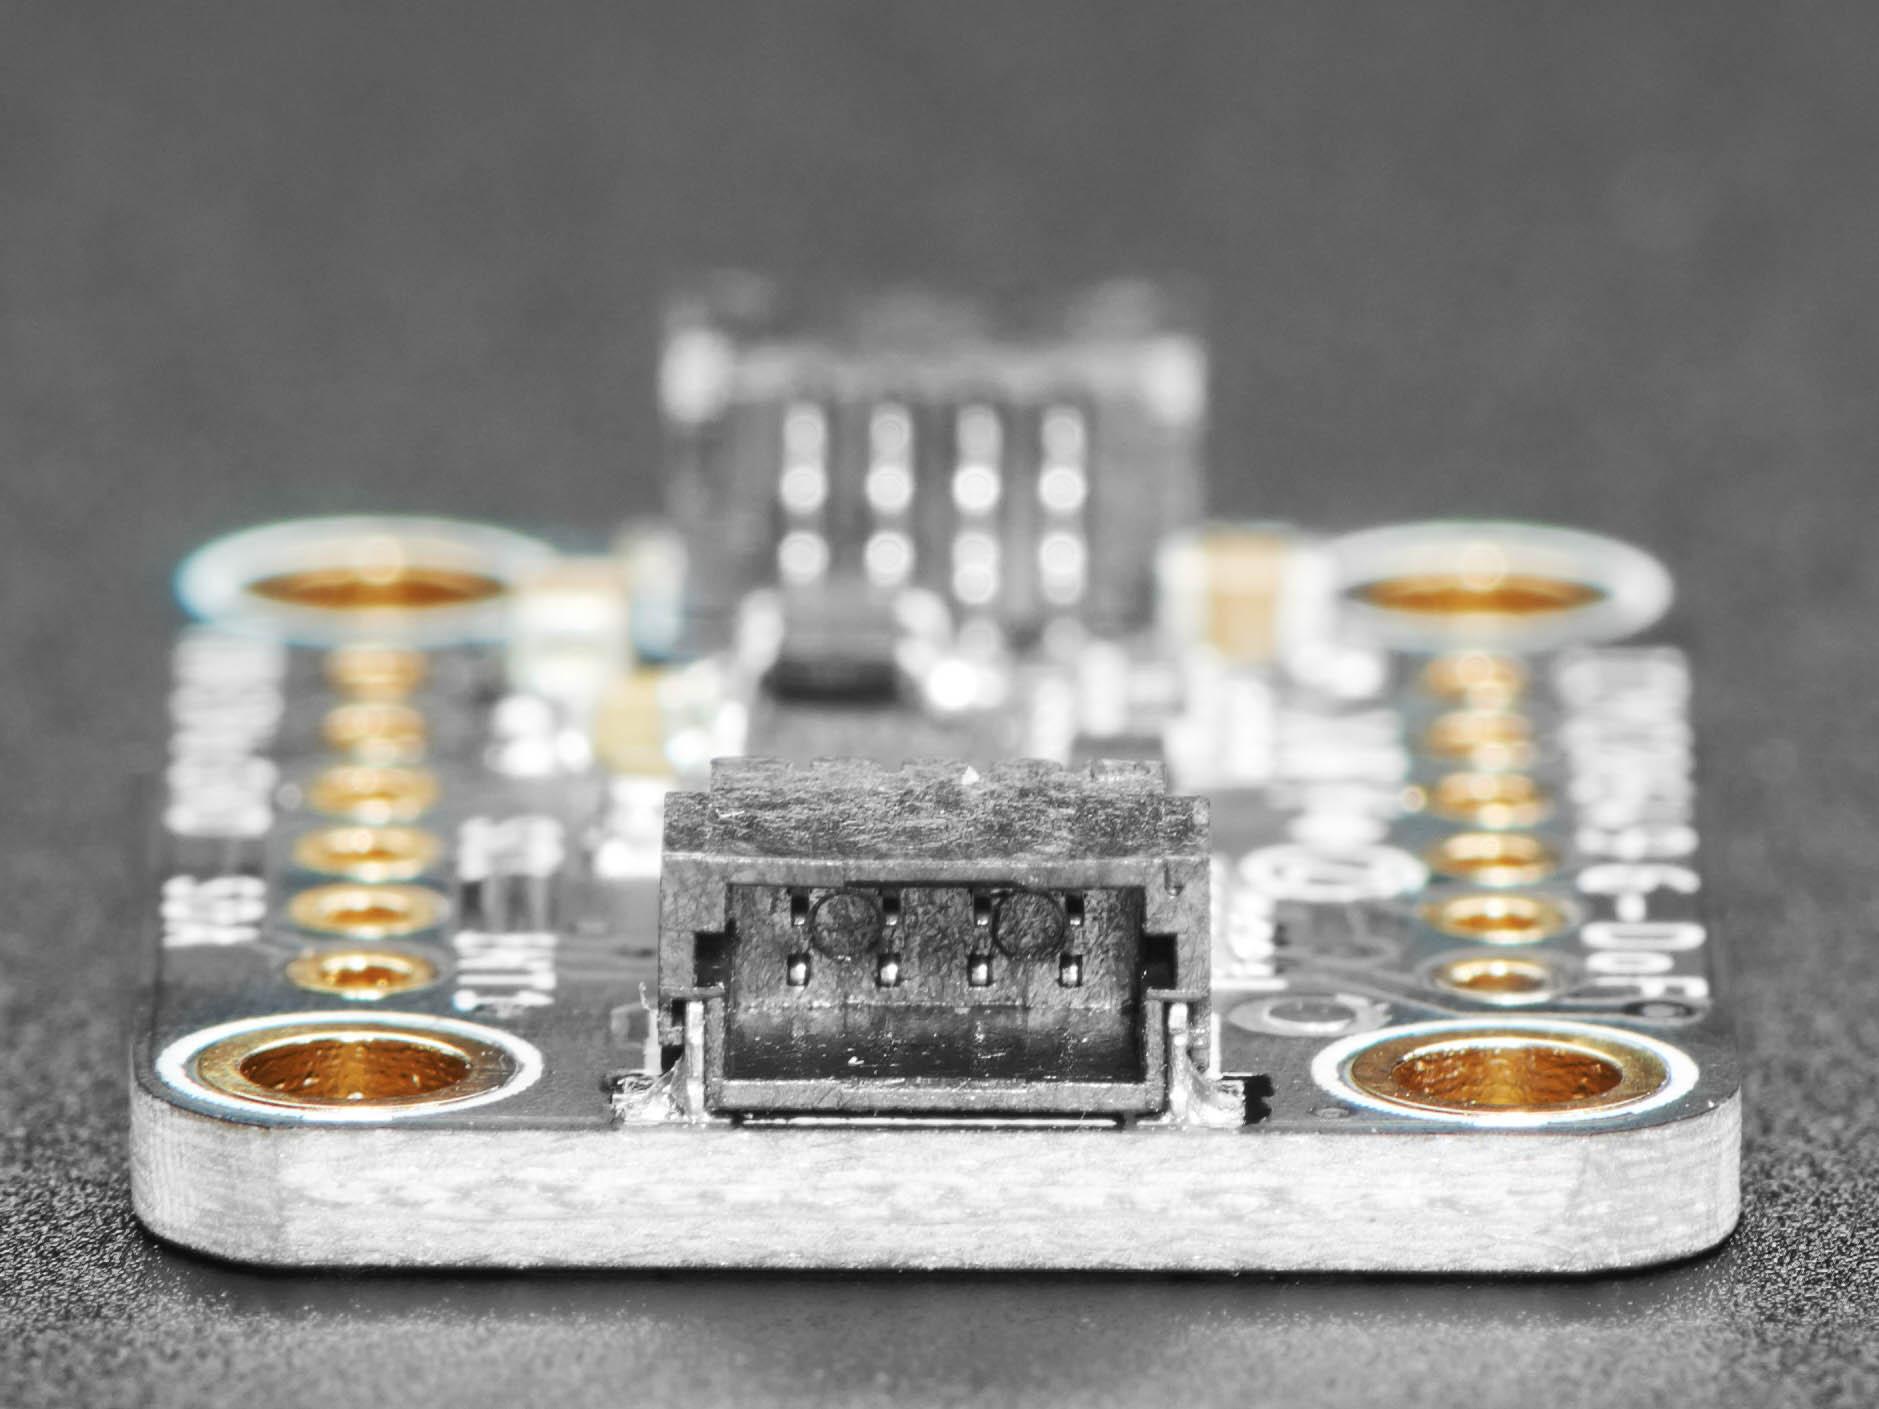 sensors_Gyro_side_detail_ORIG_2020_02.jpg